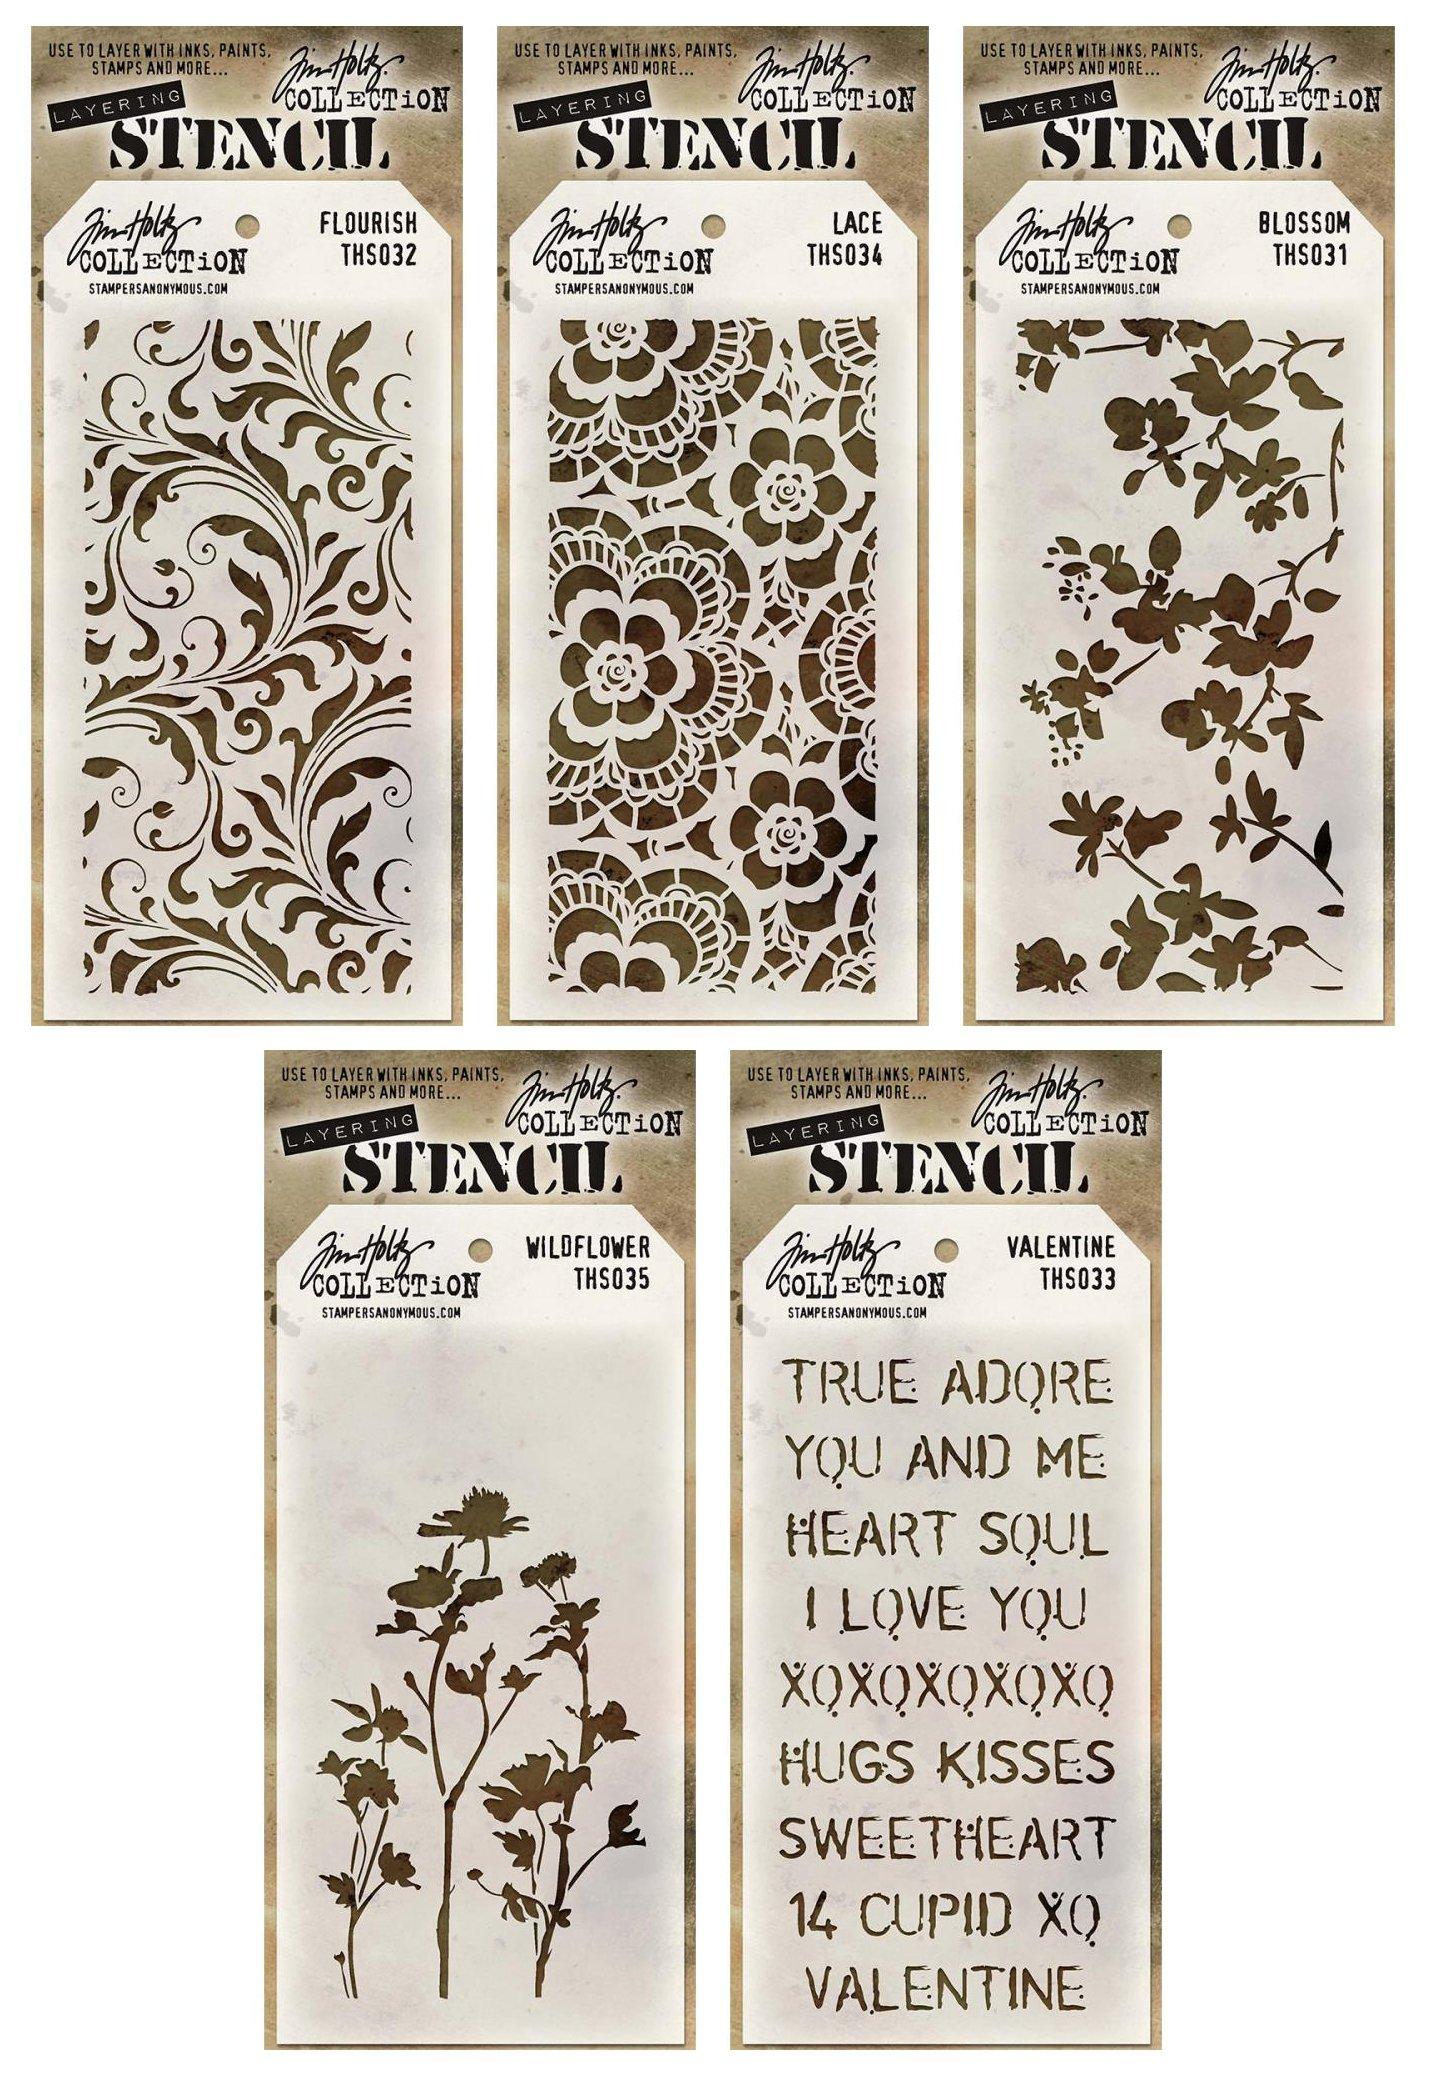 Tim Holtz - Stencils Set 1 - Five Item Bundle - Blossom, Flourish, Lace, Wildflower, and Valentine by Cardmaking Essentials